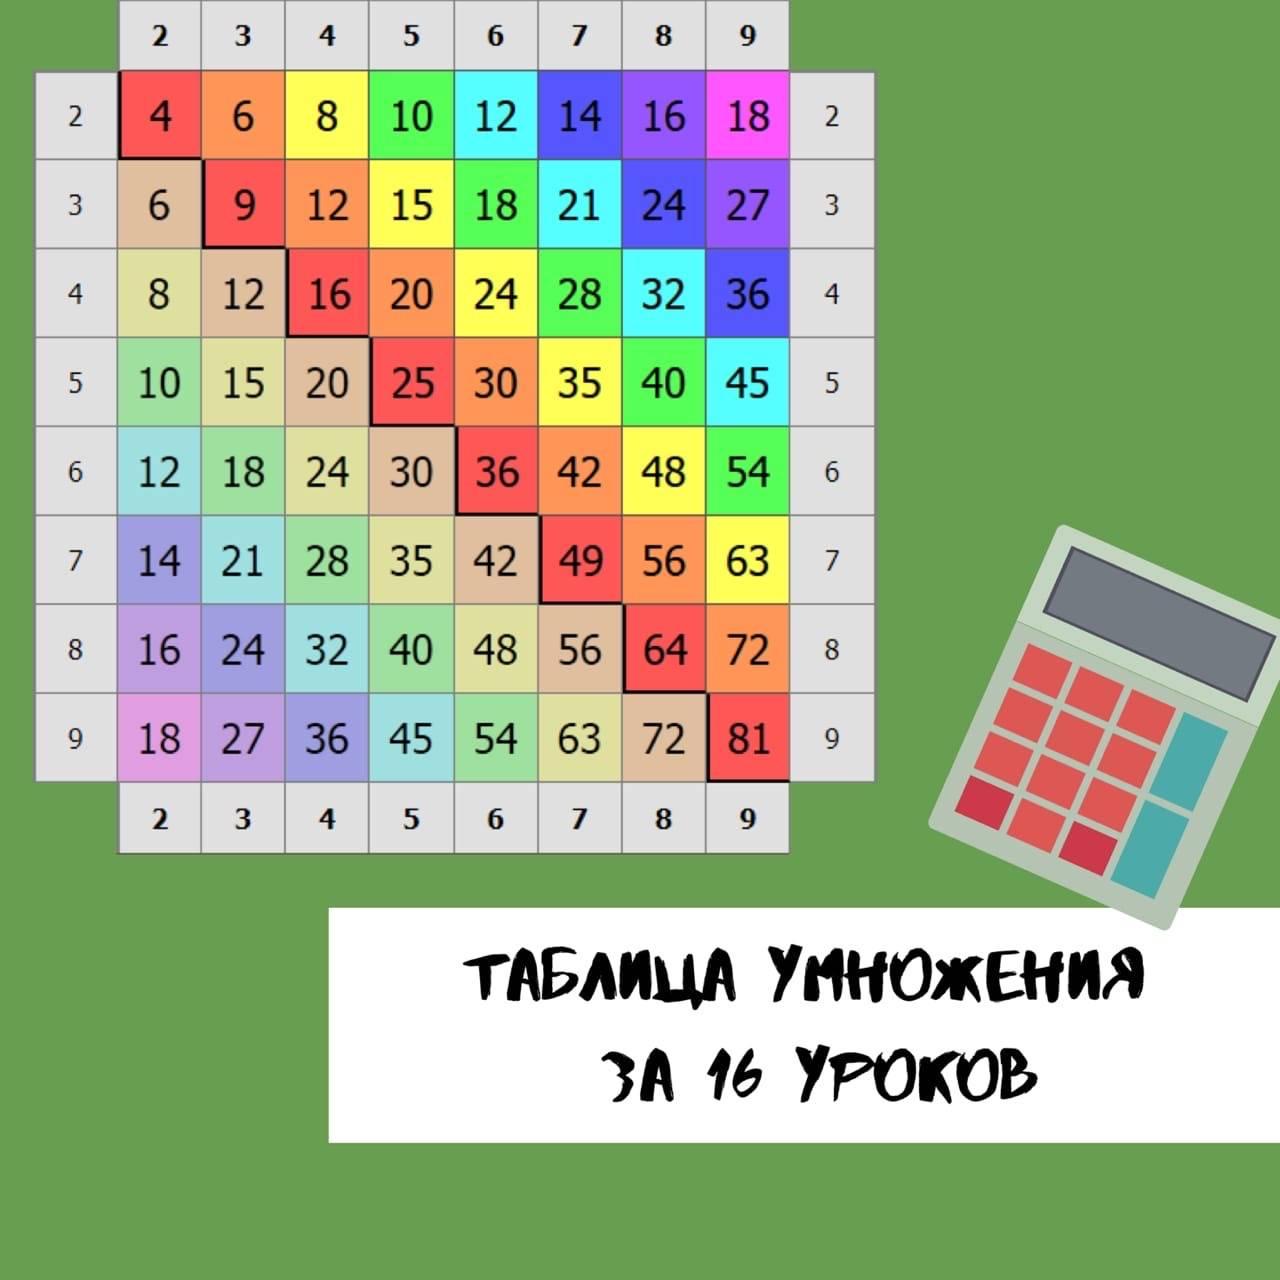 Как научить ребенка таблице умножения?